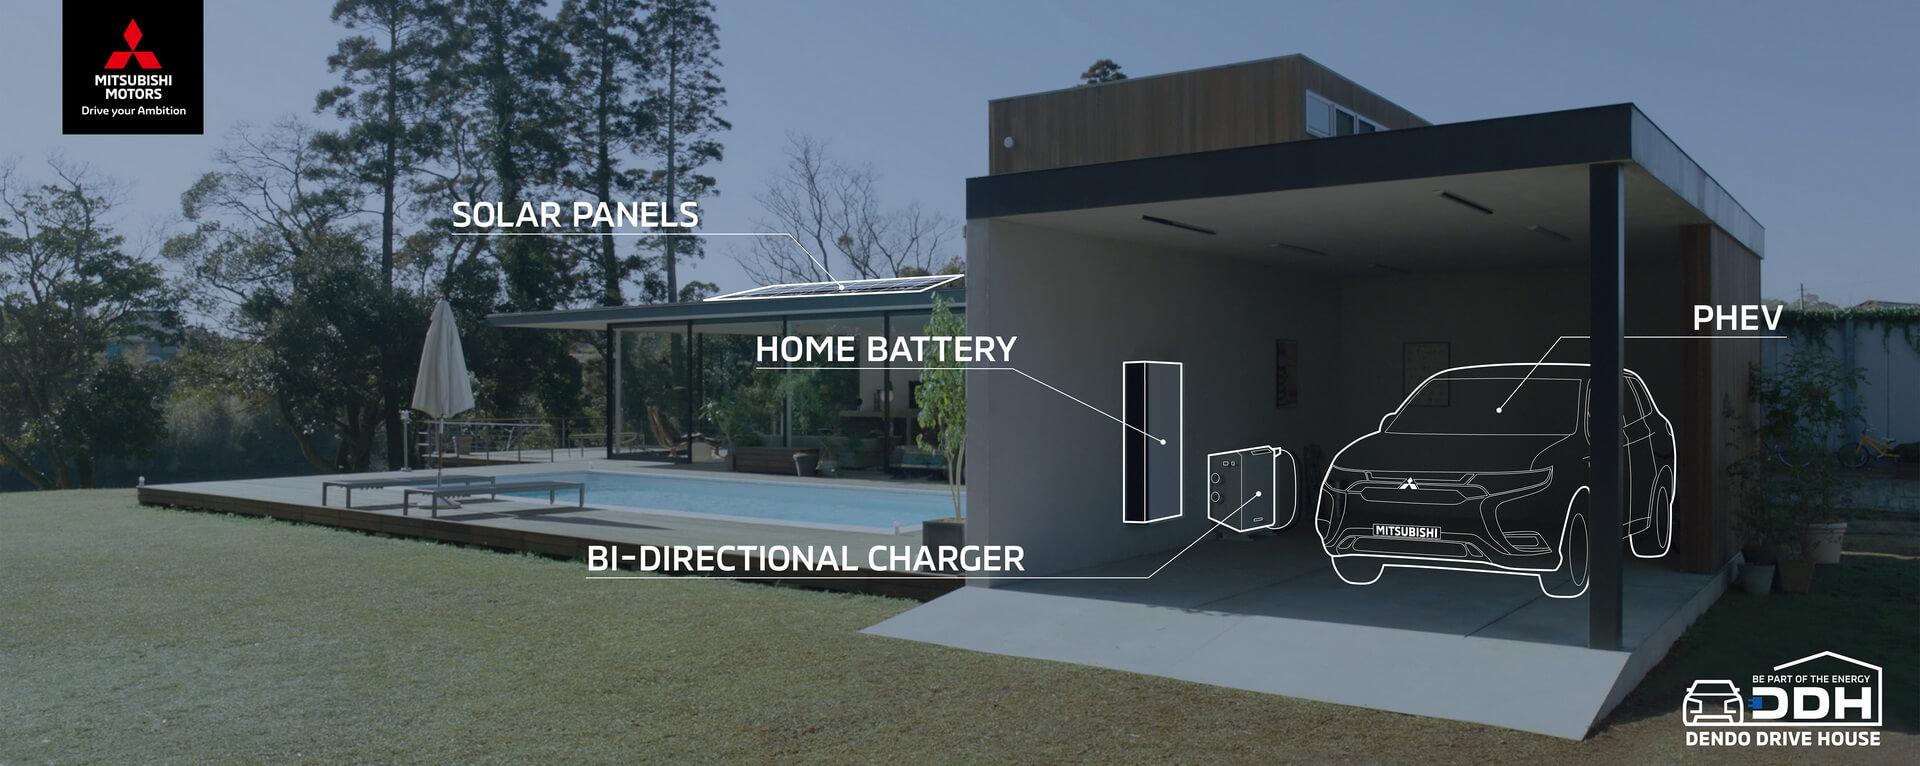 Система Dendo Drive House состоит из солнечных батарей, домашнего аккумулятора и двунаправленного зарядного устройства